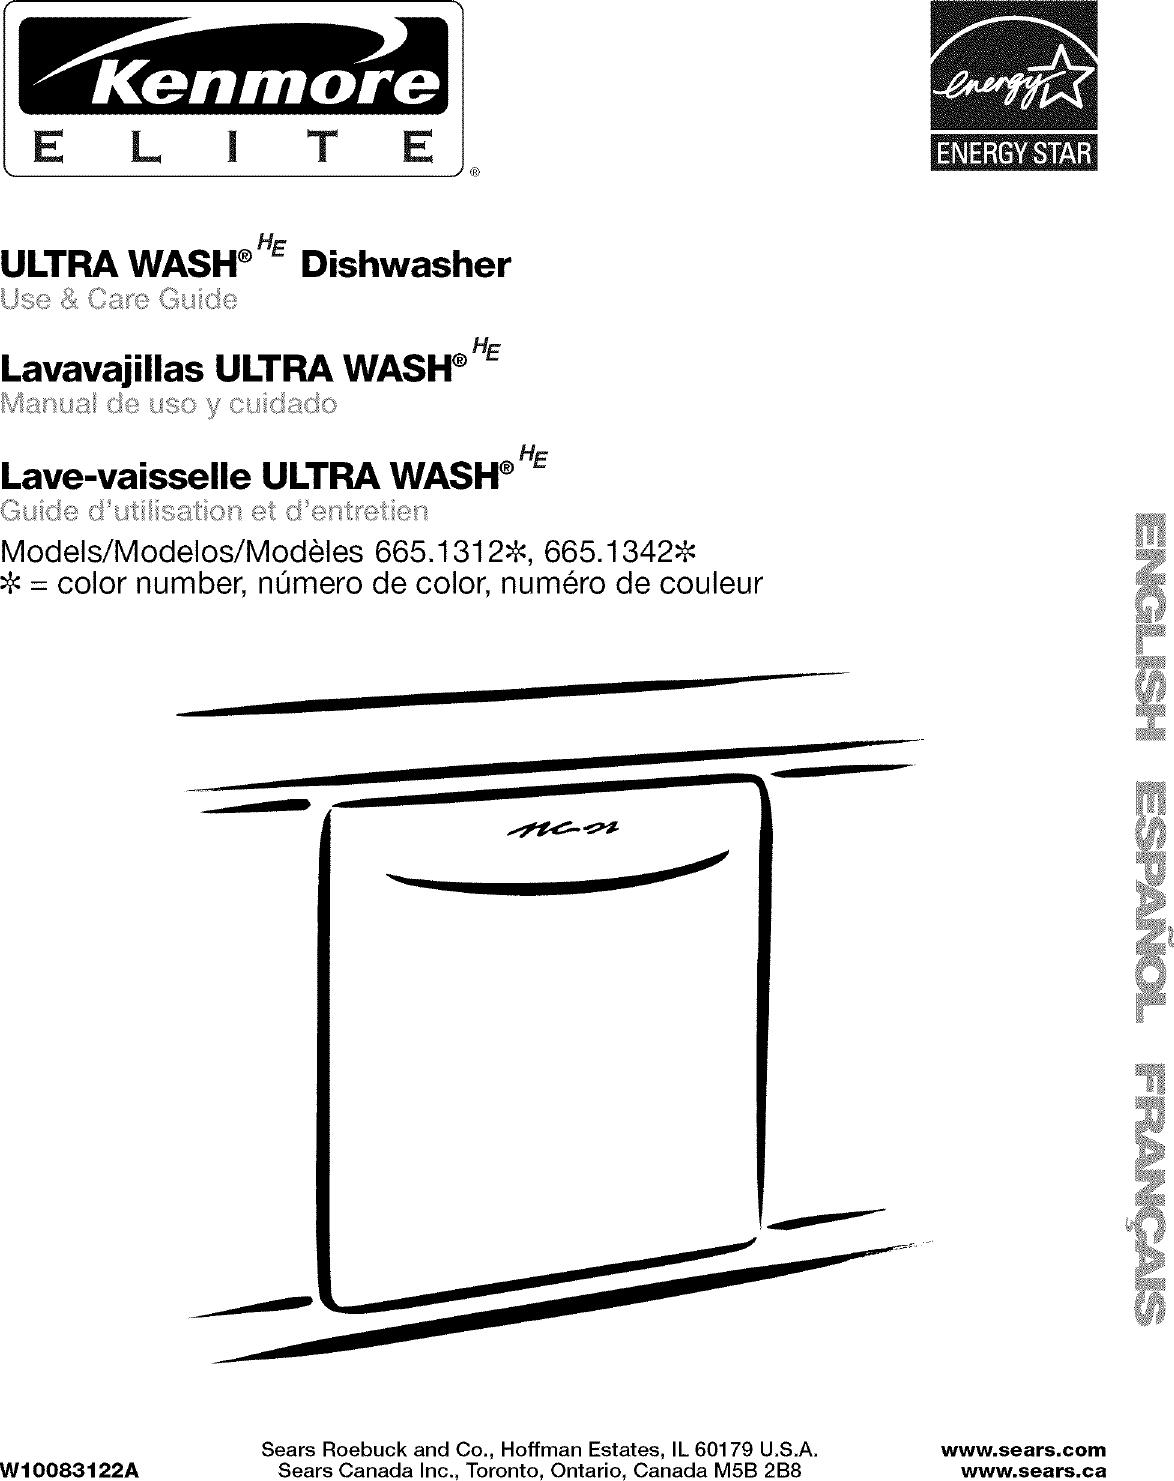 lave-vaisselle kenmore elite manual